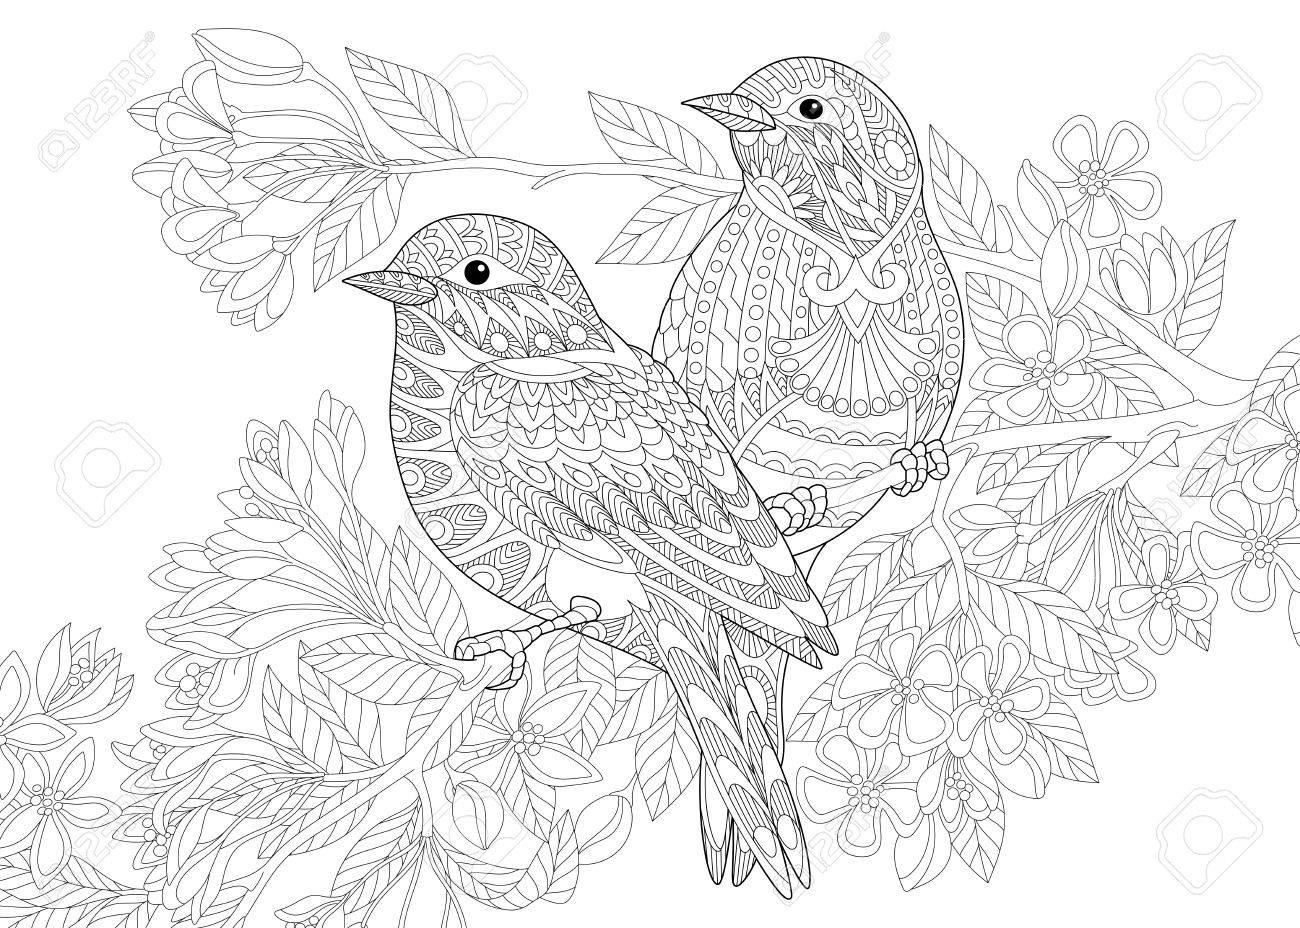 Coloriage De Deux Oiseaux Dessin D équisse à Main Levée Pour Un Livre à Colorier Antistress Adulte Avec Des éléments Doodle Et Zentangle